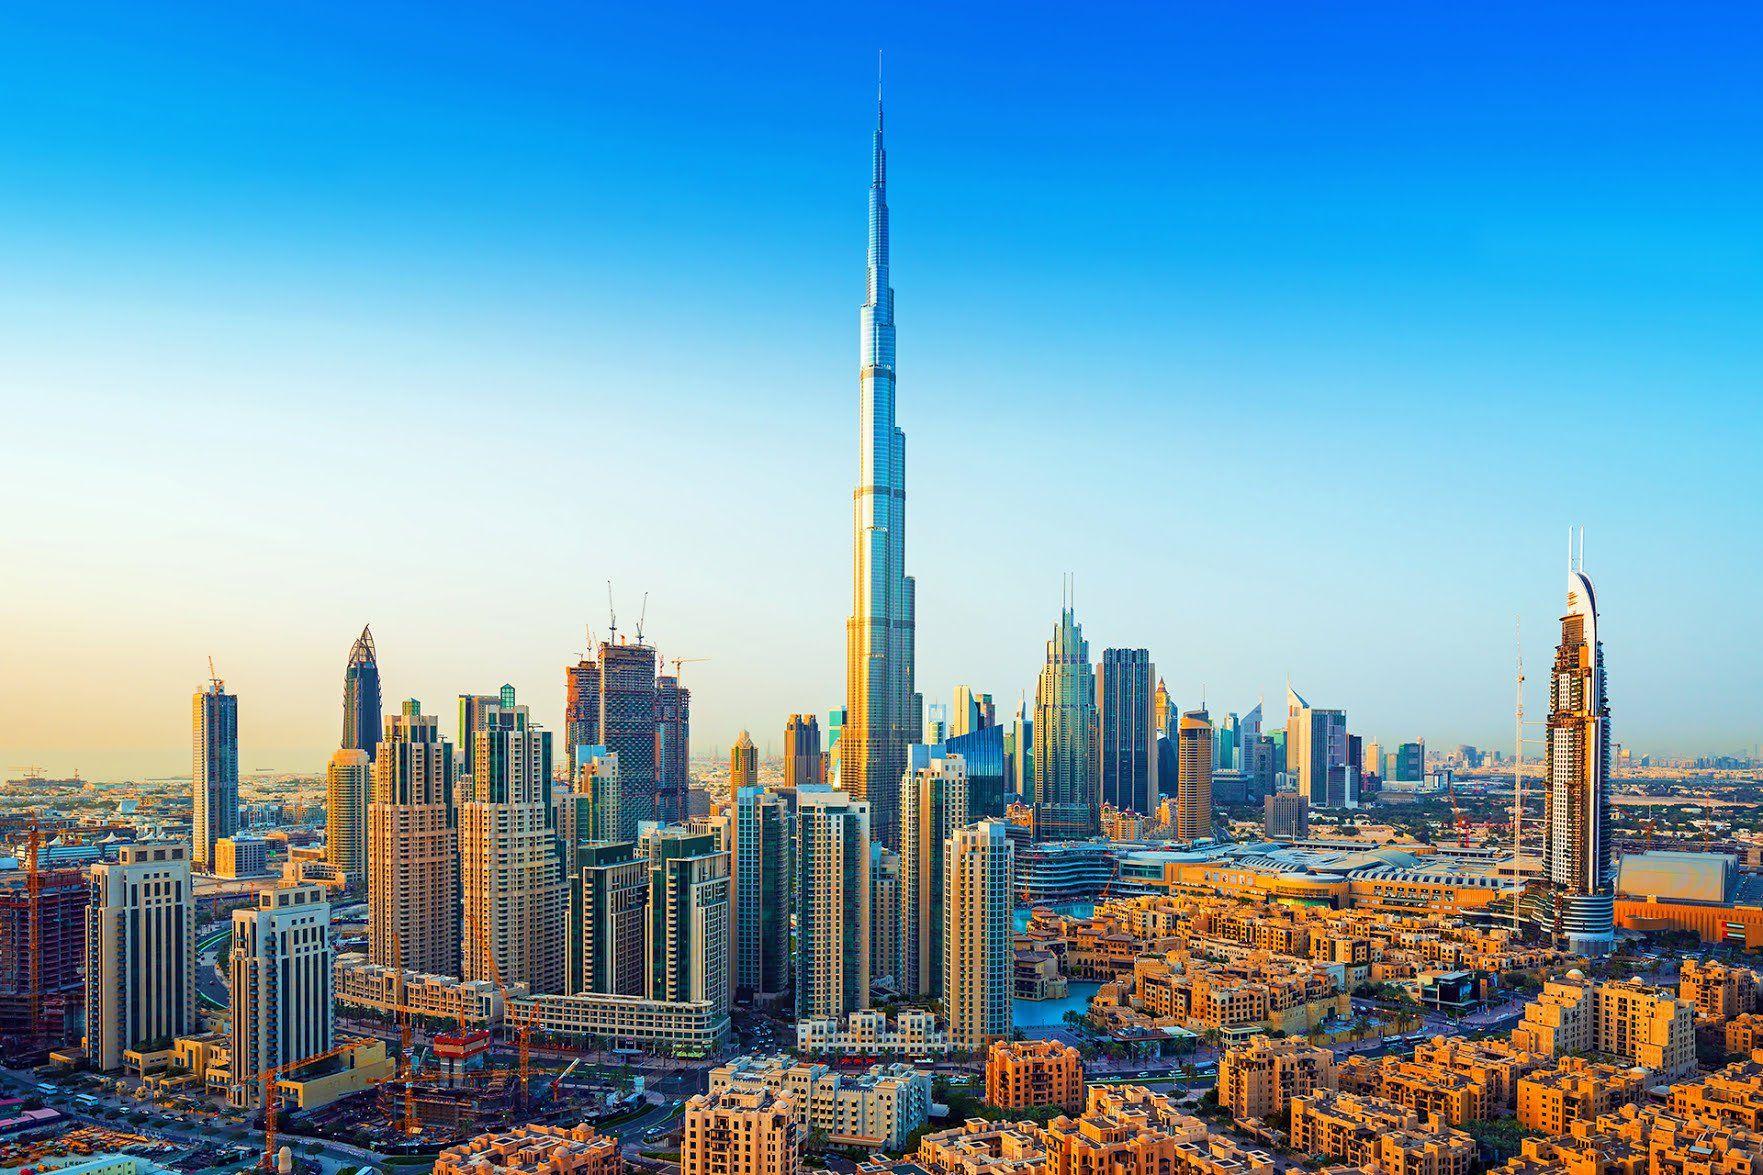 Flüge: Dubai ( Mai - Juni ) Hin- und Rückflug von München und Frankfurt nach Dubai ab 220€ inkl. 2x23 Kg Gepäck